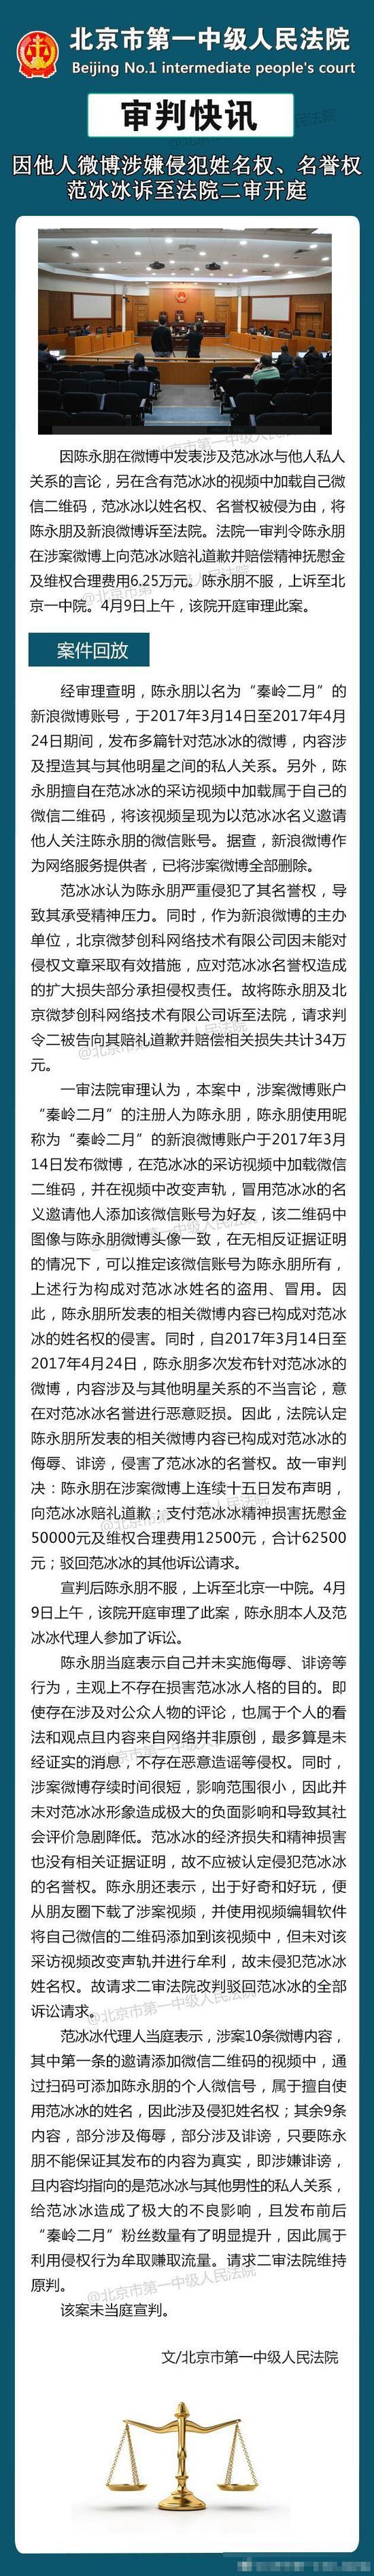 """范冰冰姓名权二审 """"秦岭二月""""陈永朋在采访视频中加载自己的二维码"""